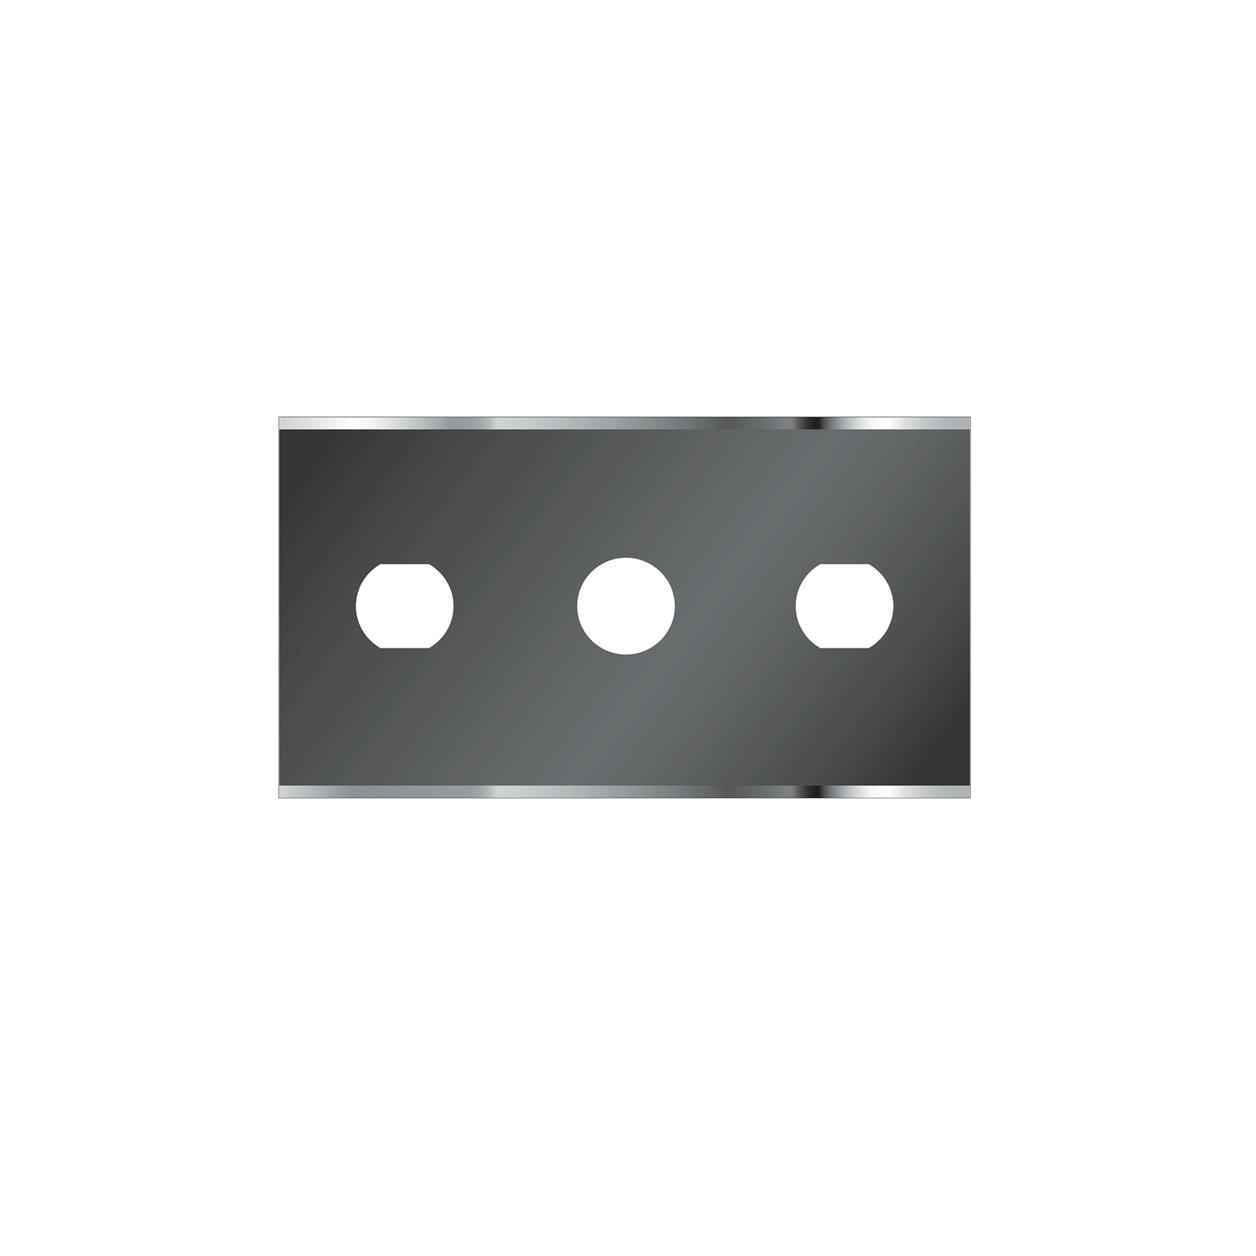 https://d1an7elaqzcblb.cloudfront.net/RSMIG/PROD/eseyol/PACKSHOTS/dc2ecef3c3027885dcad9ca0c6f6e824.png